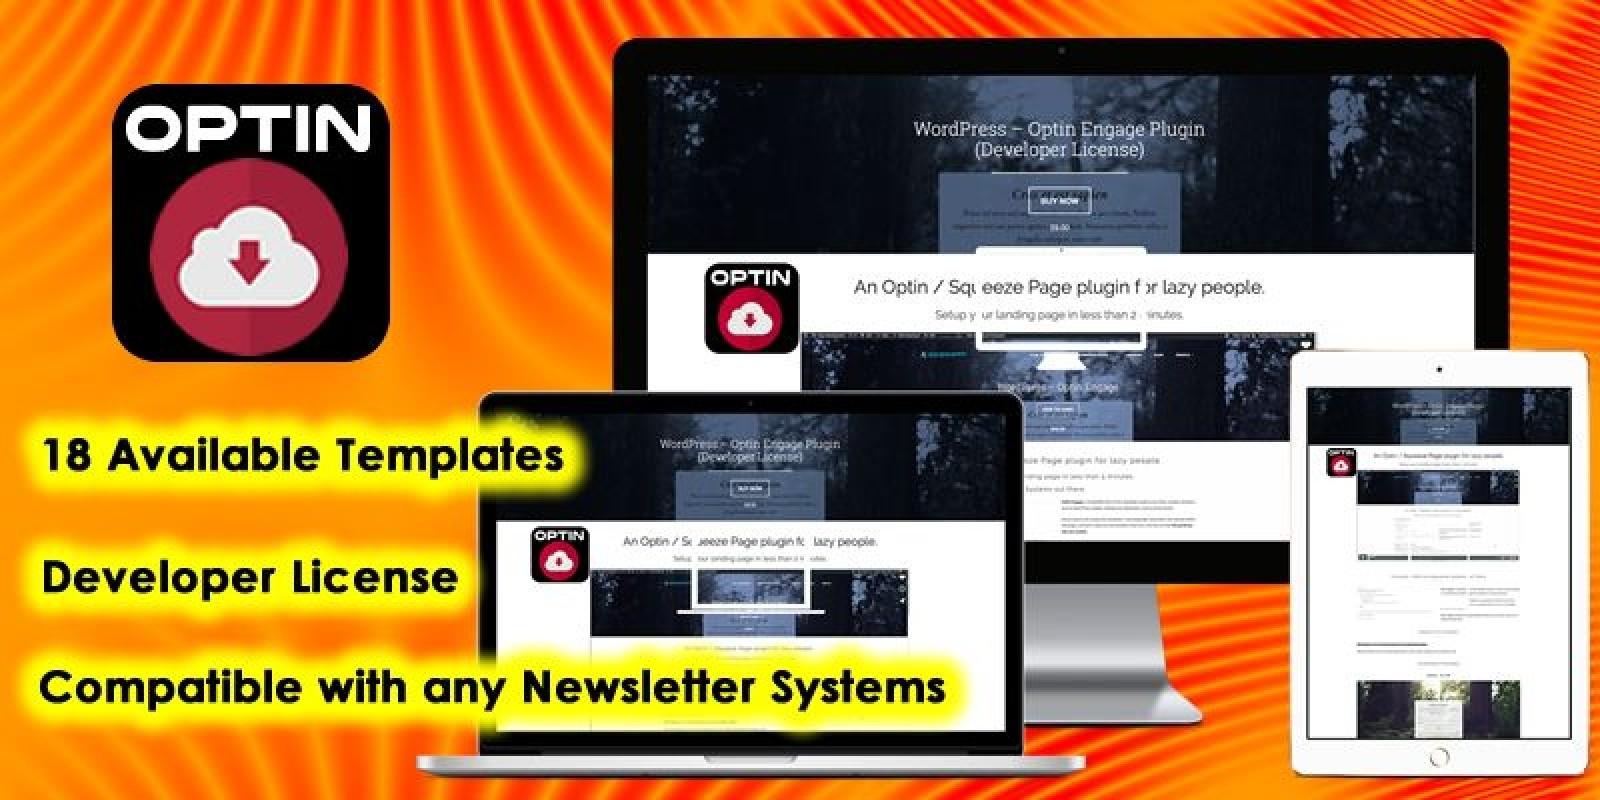 WP Optin - Opt-in WordPress Plugin